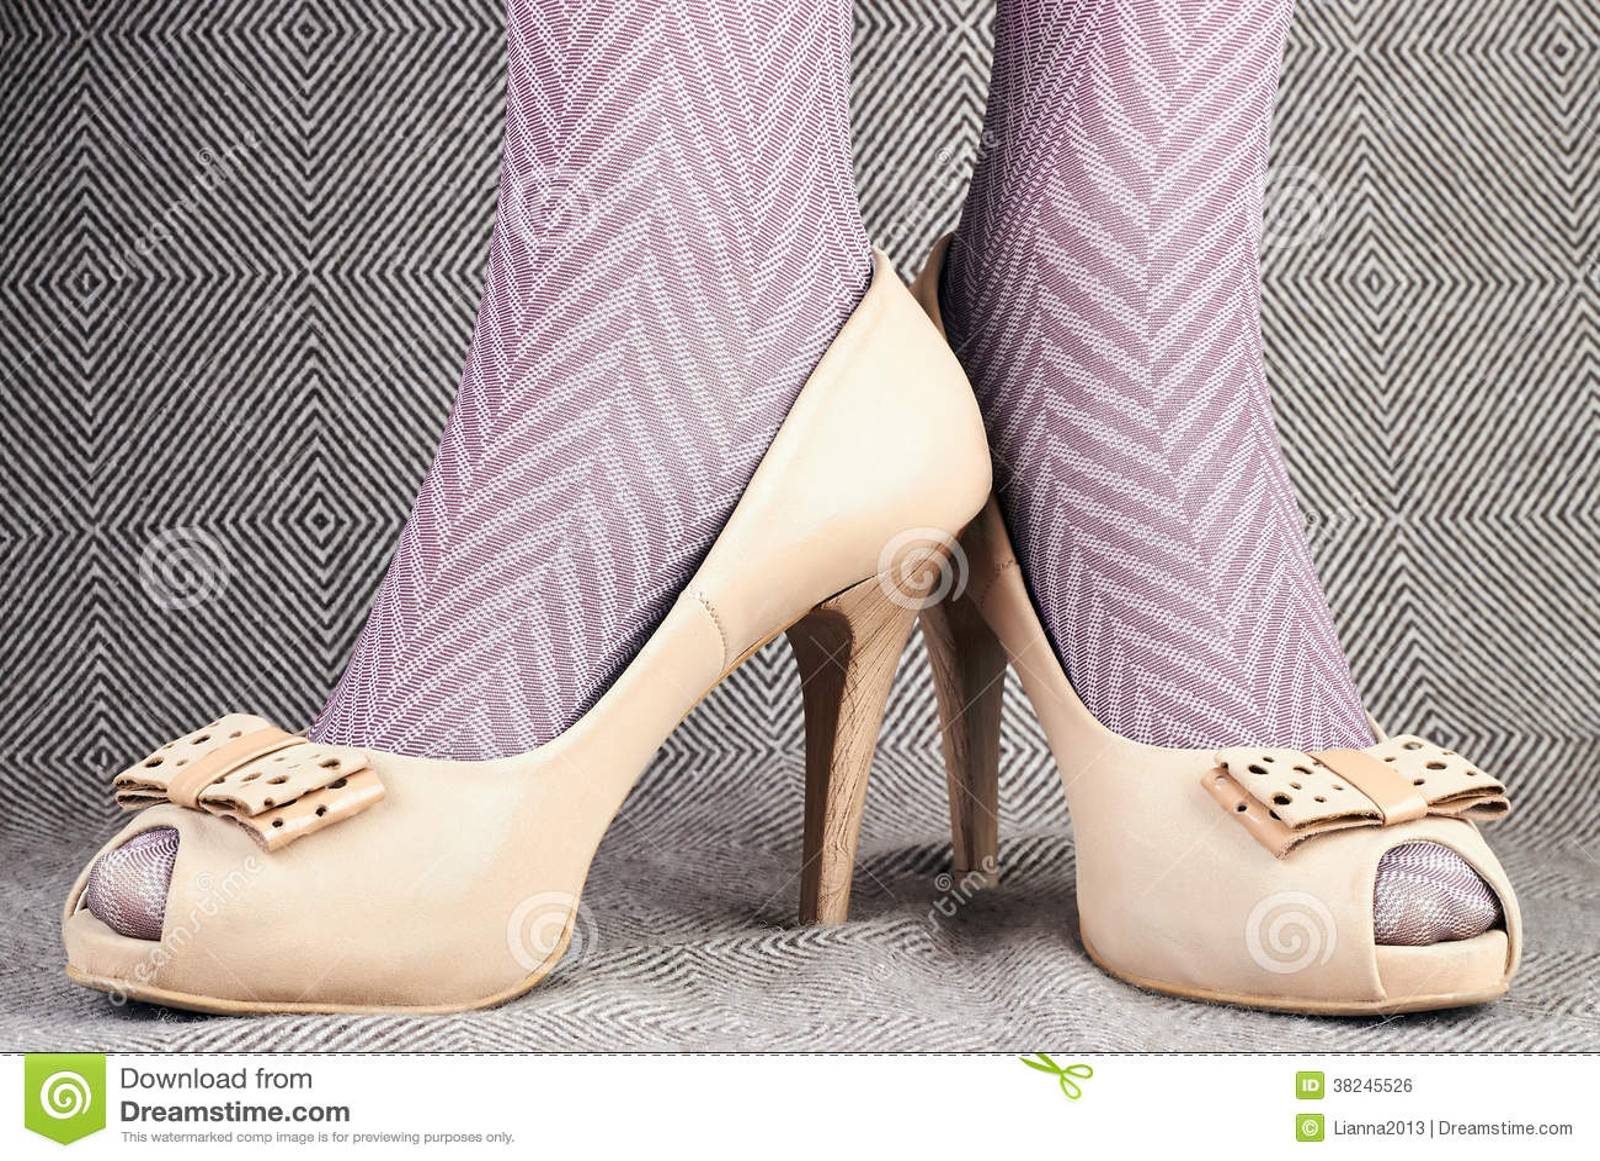 La Cuero Los Las Mujer Con Zapatos En De Medias Piernas Abiertos qwva0fxE